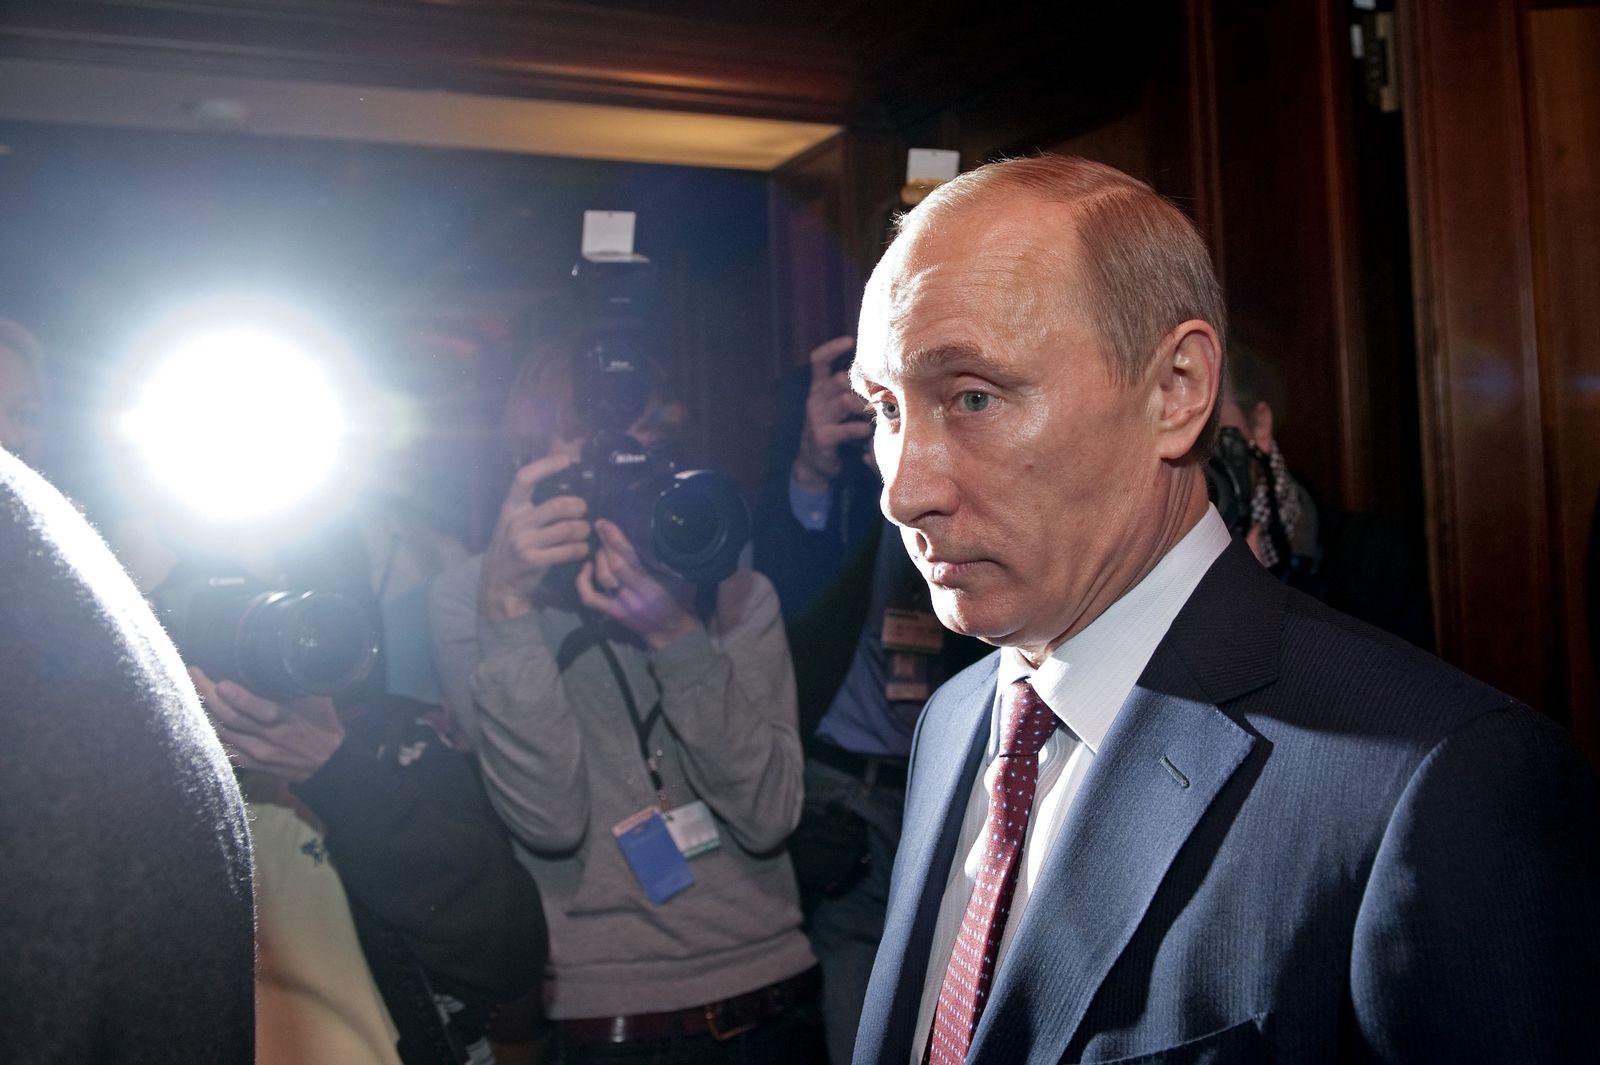 Führungstreffen Wirtschaft 2010 - Putin